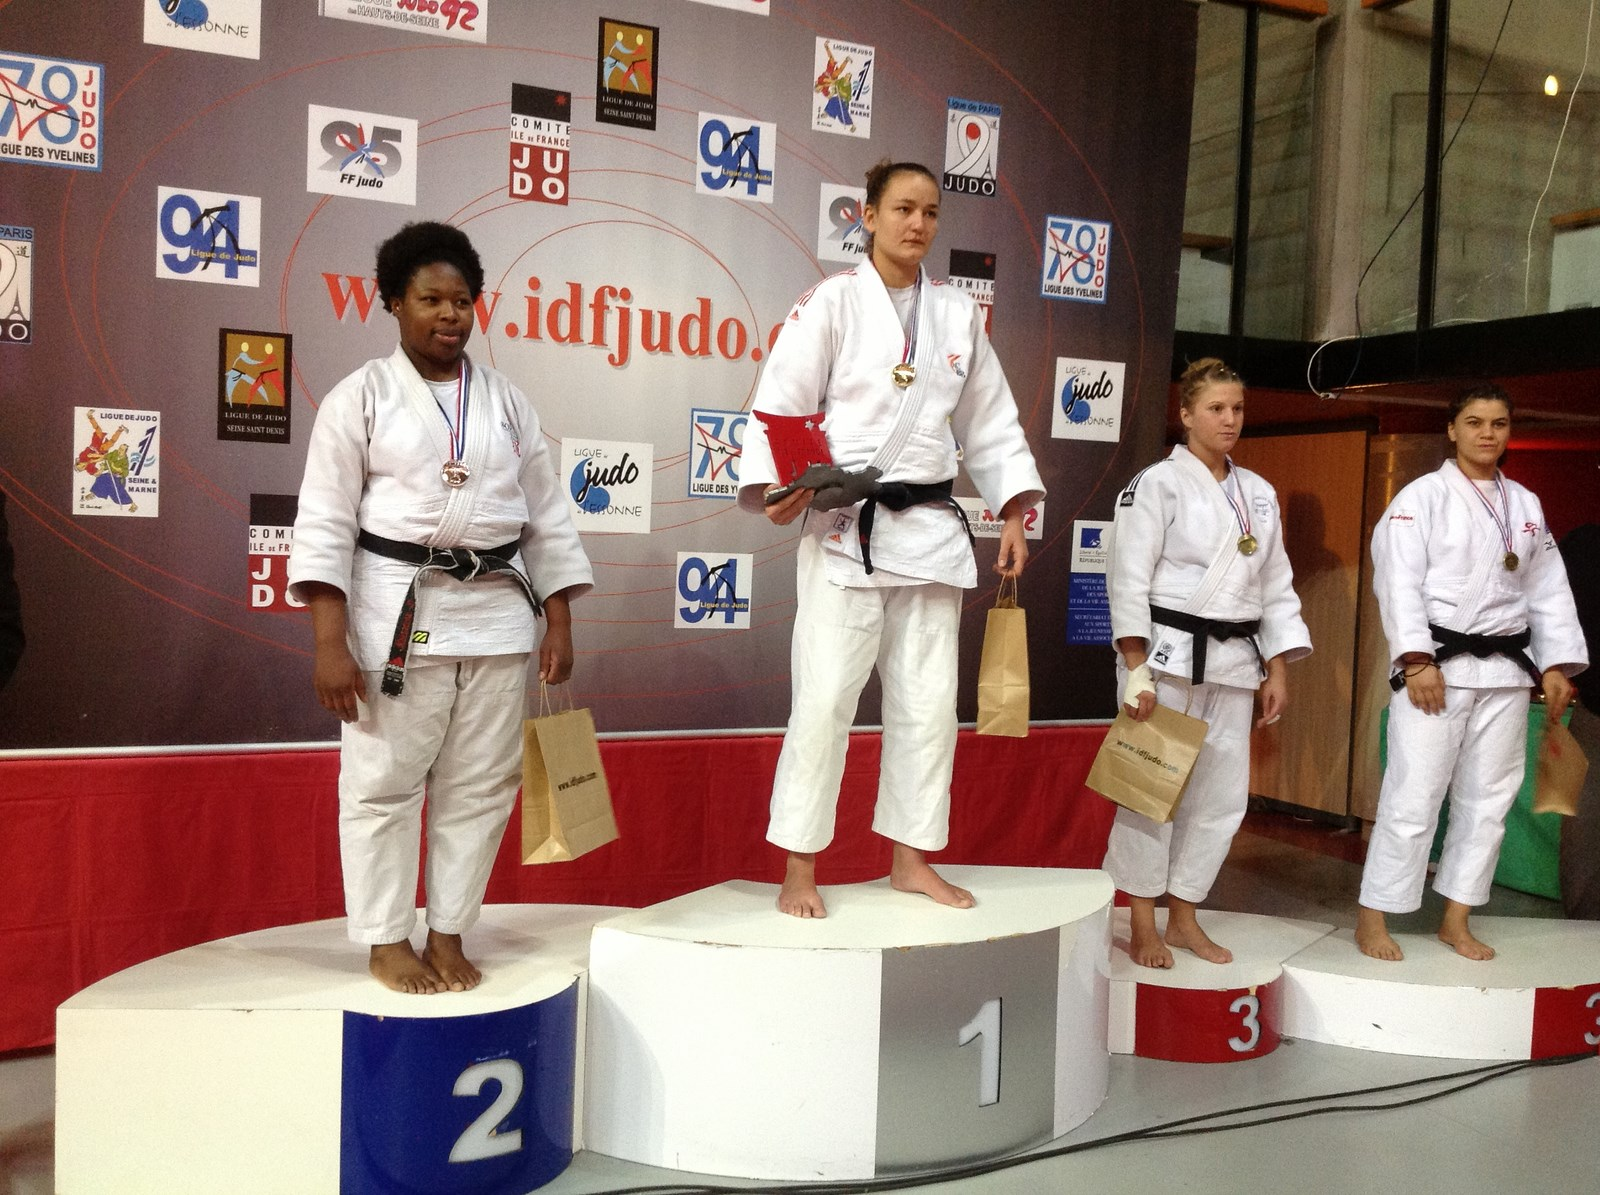 Vie du club page 2 judo club sorbier - Institut national du judo porte de chatillon ...